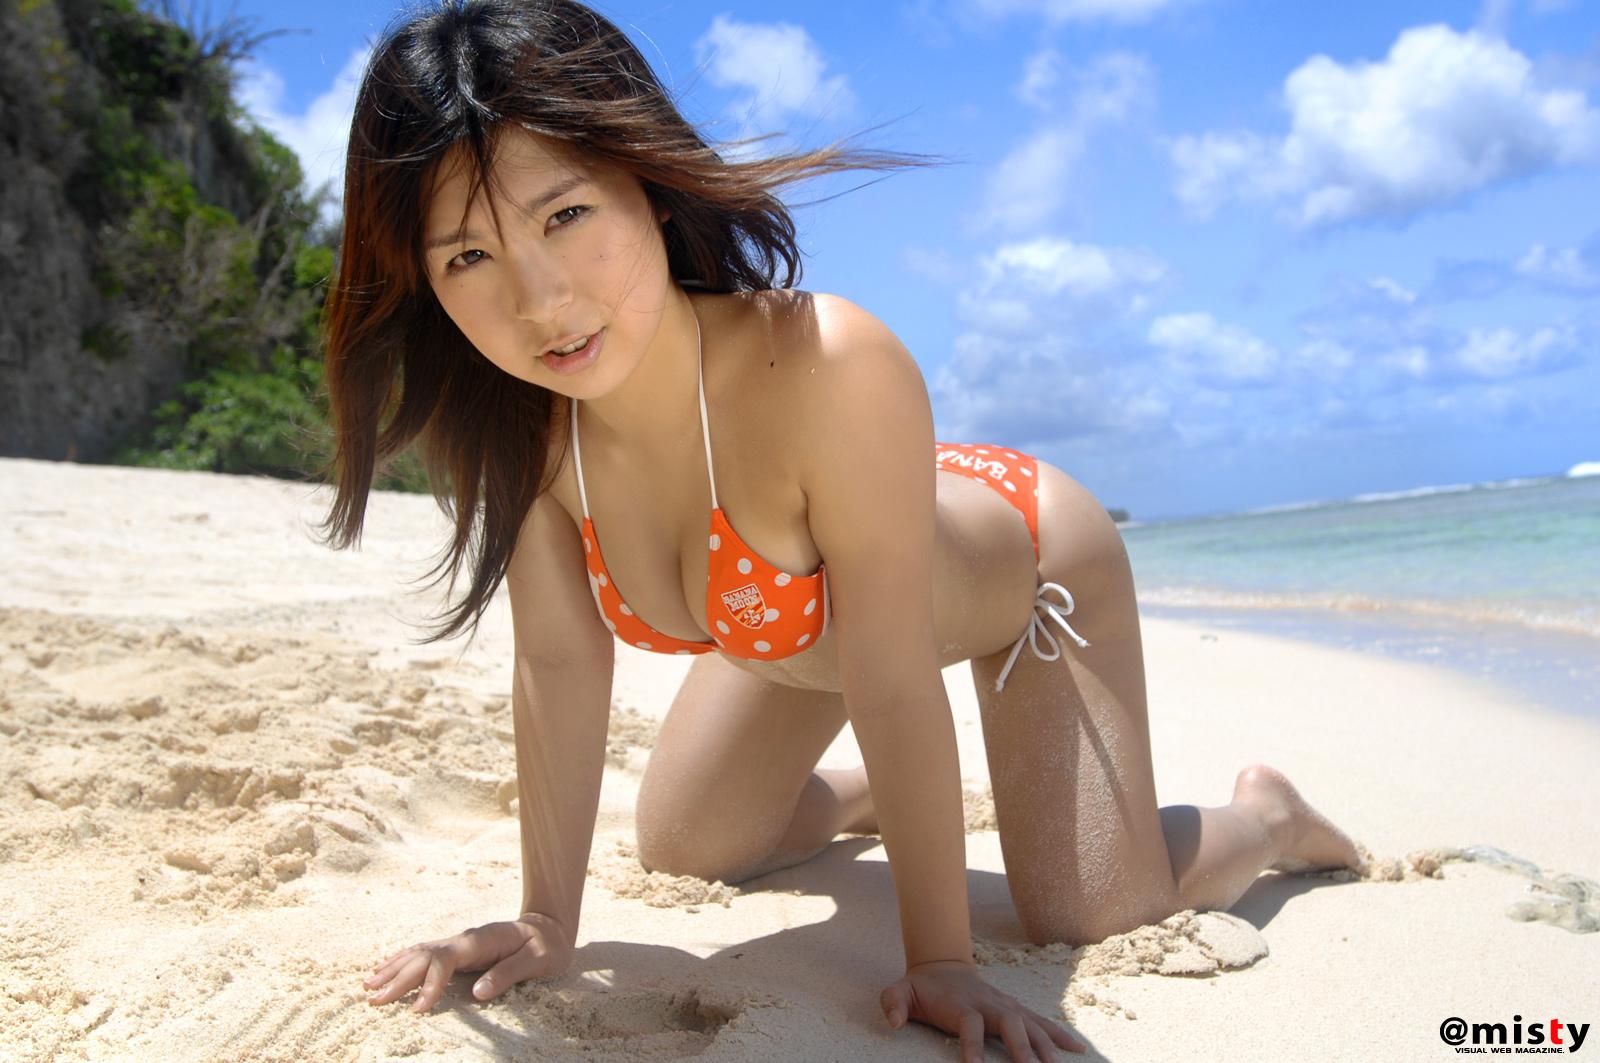 Японка в бикини, Японка в маленьком бикини позирует на пляже 22 фотография